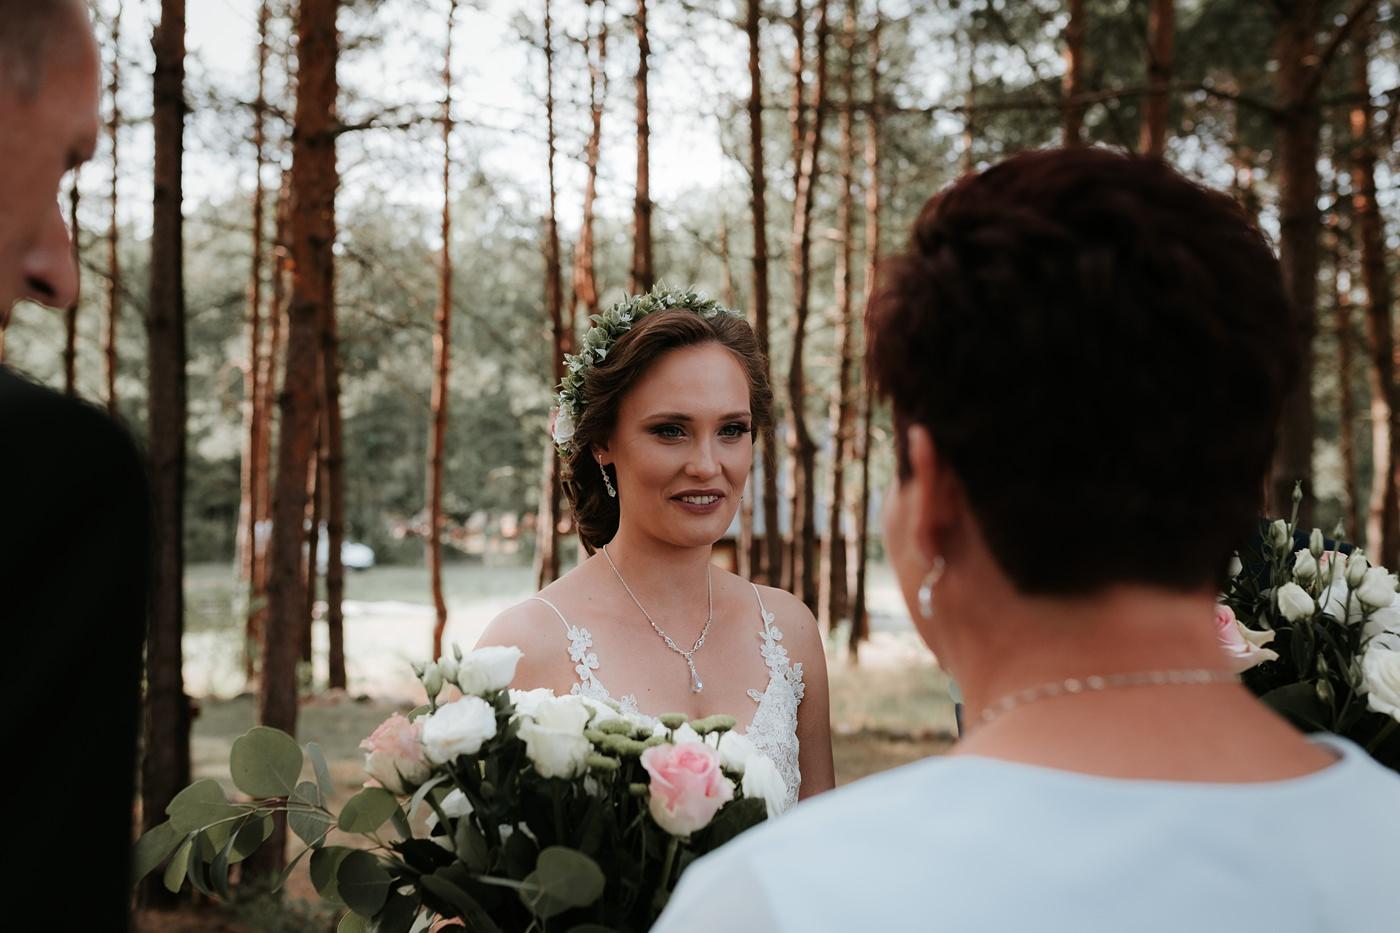 Anna & Wojtek - Ślub cywilny w plenerze - Barnówko w Sam Las 46